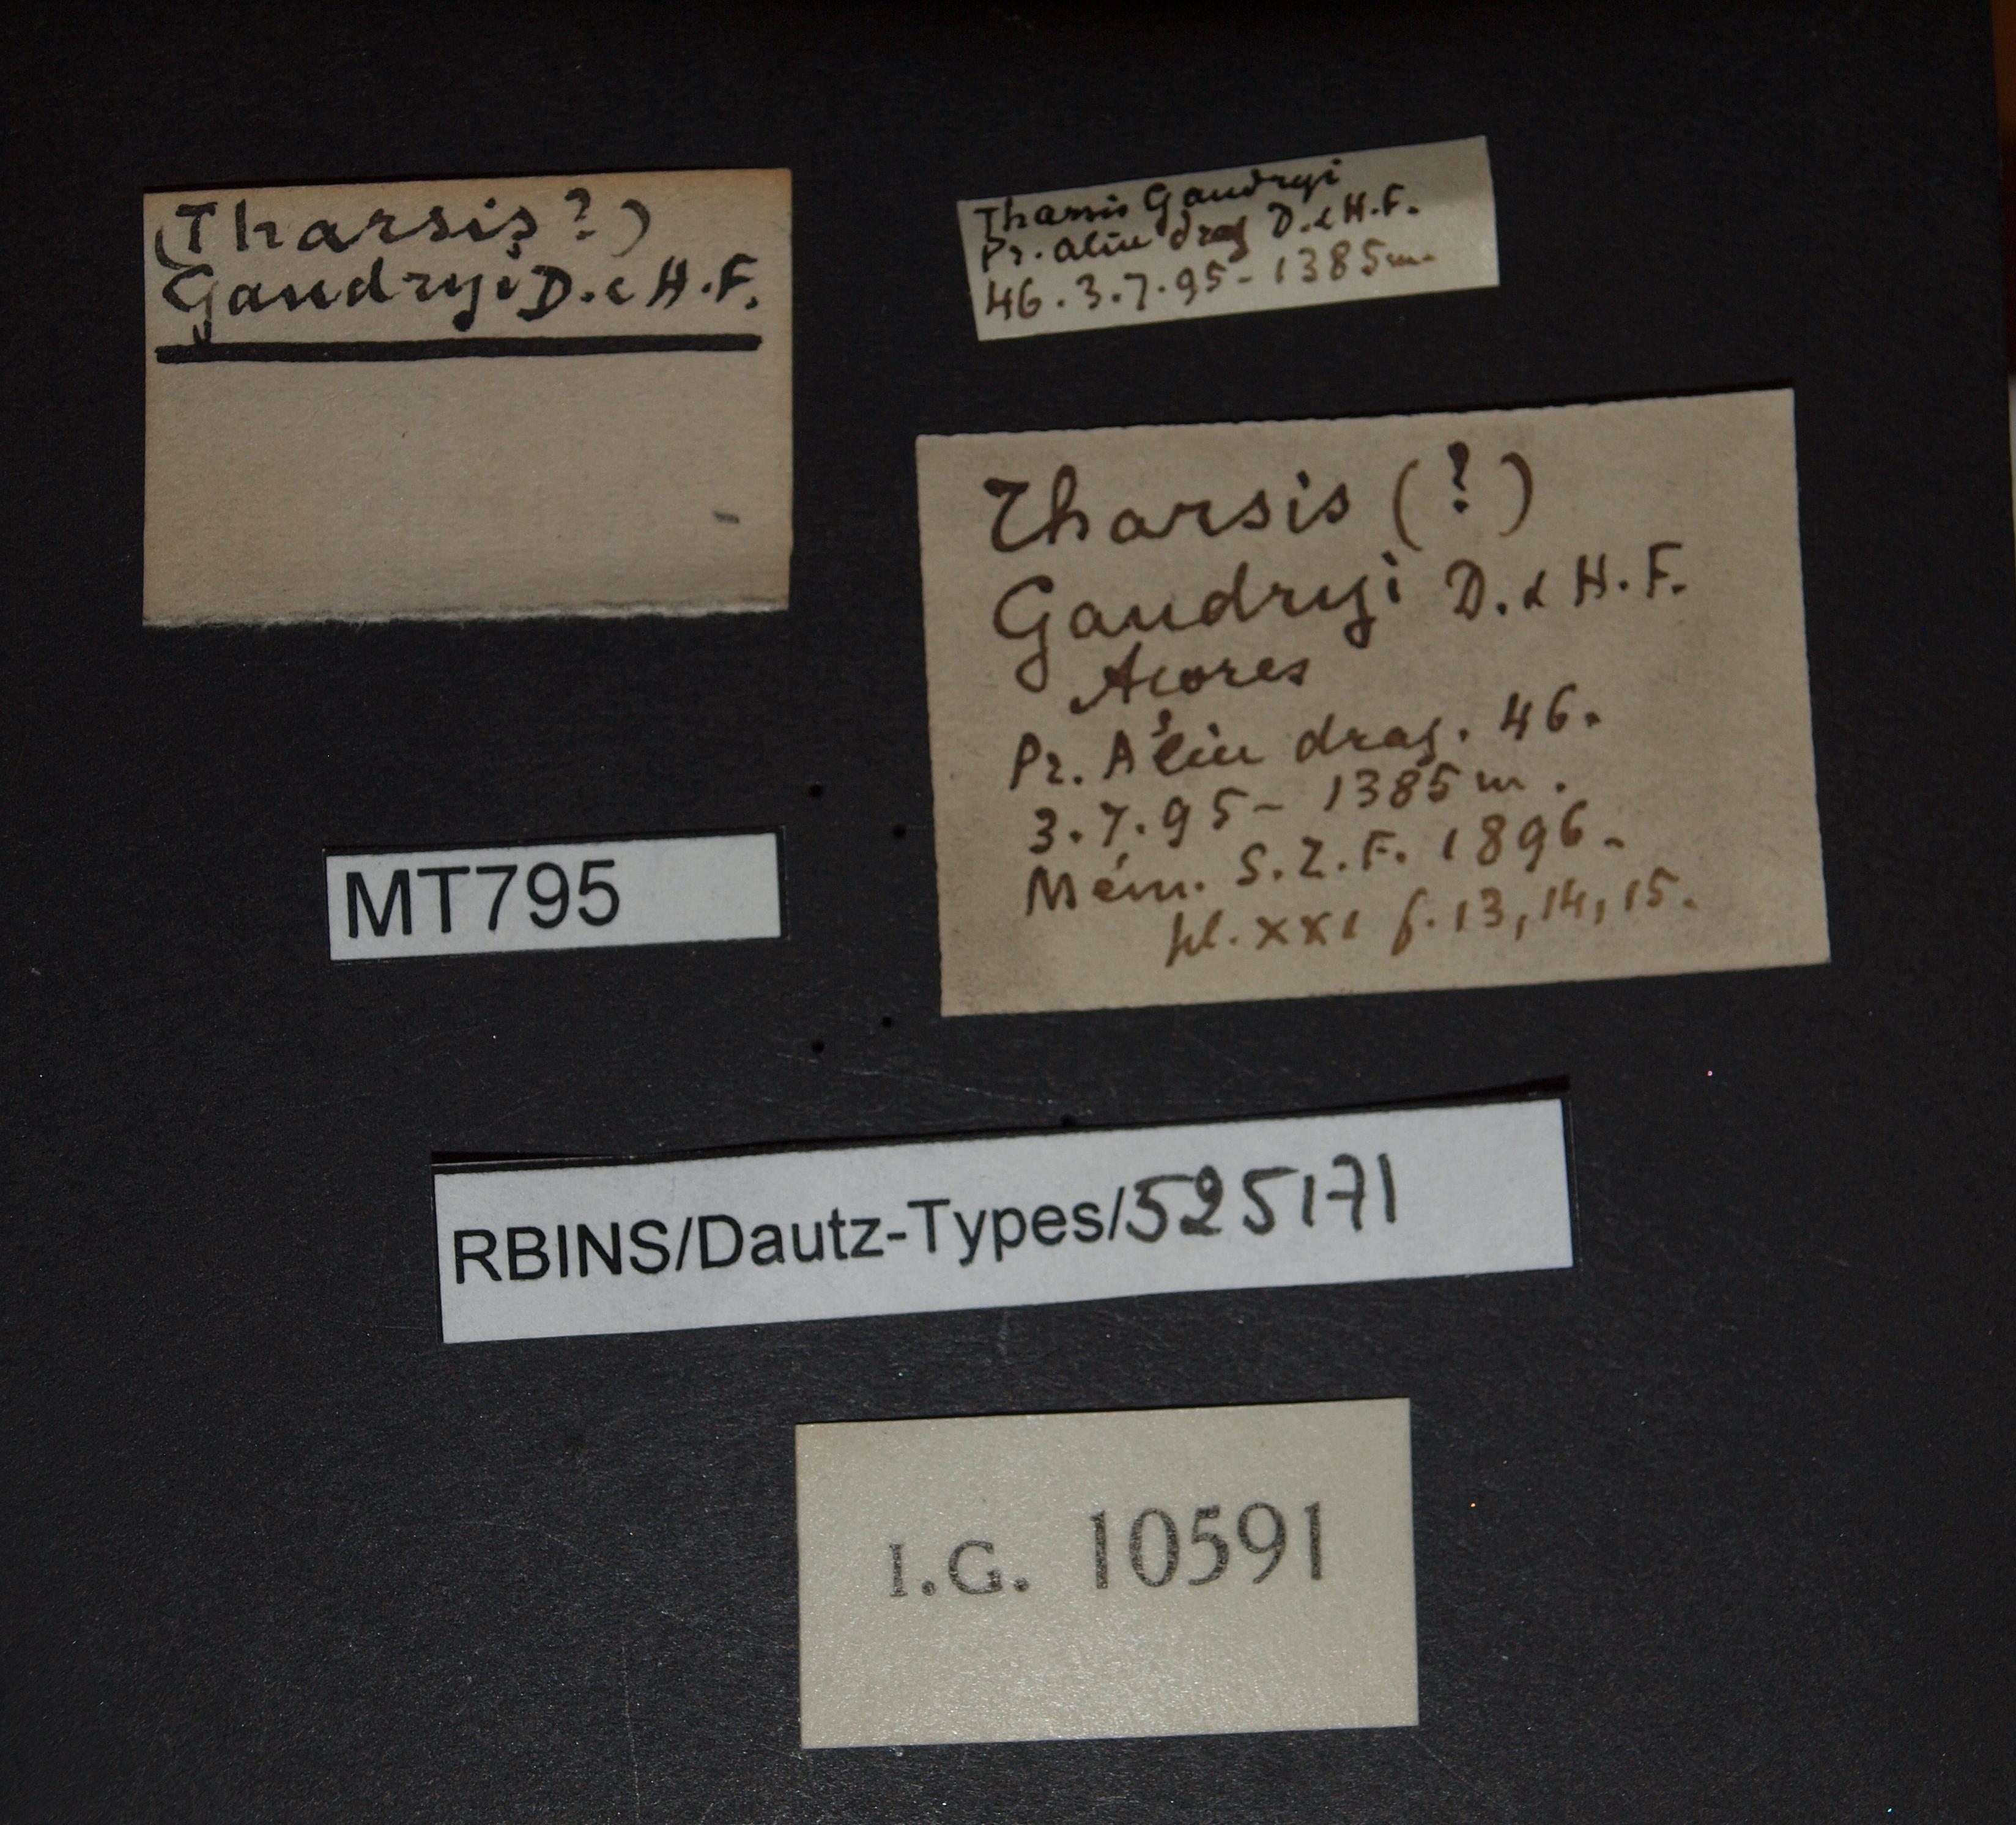 BE-RBINS-INV MT 795 Tharsis gaudryi pt Lb.jpg